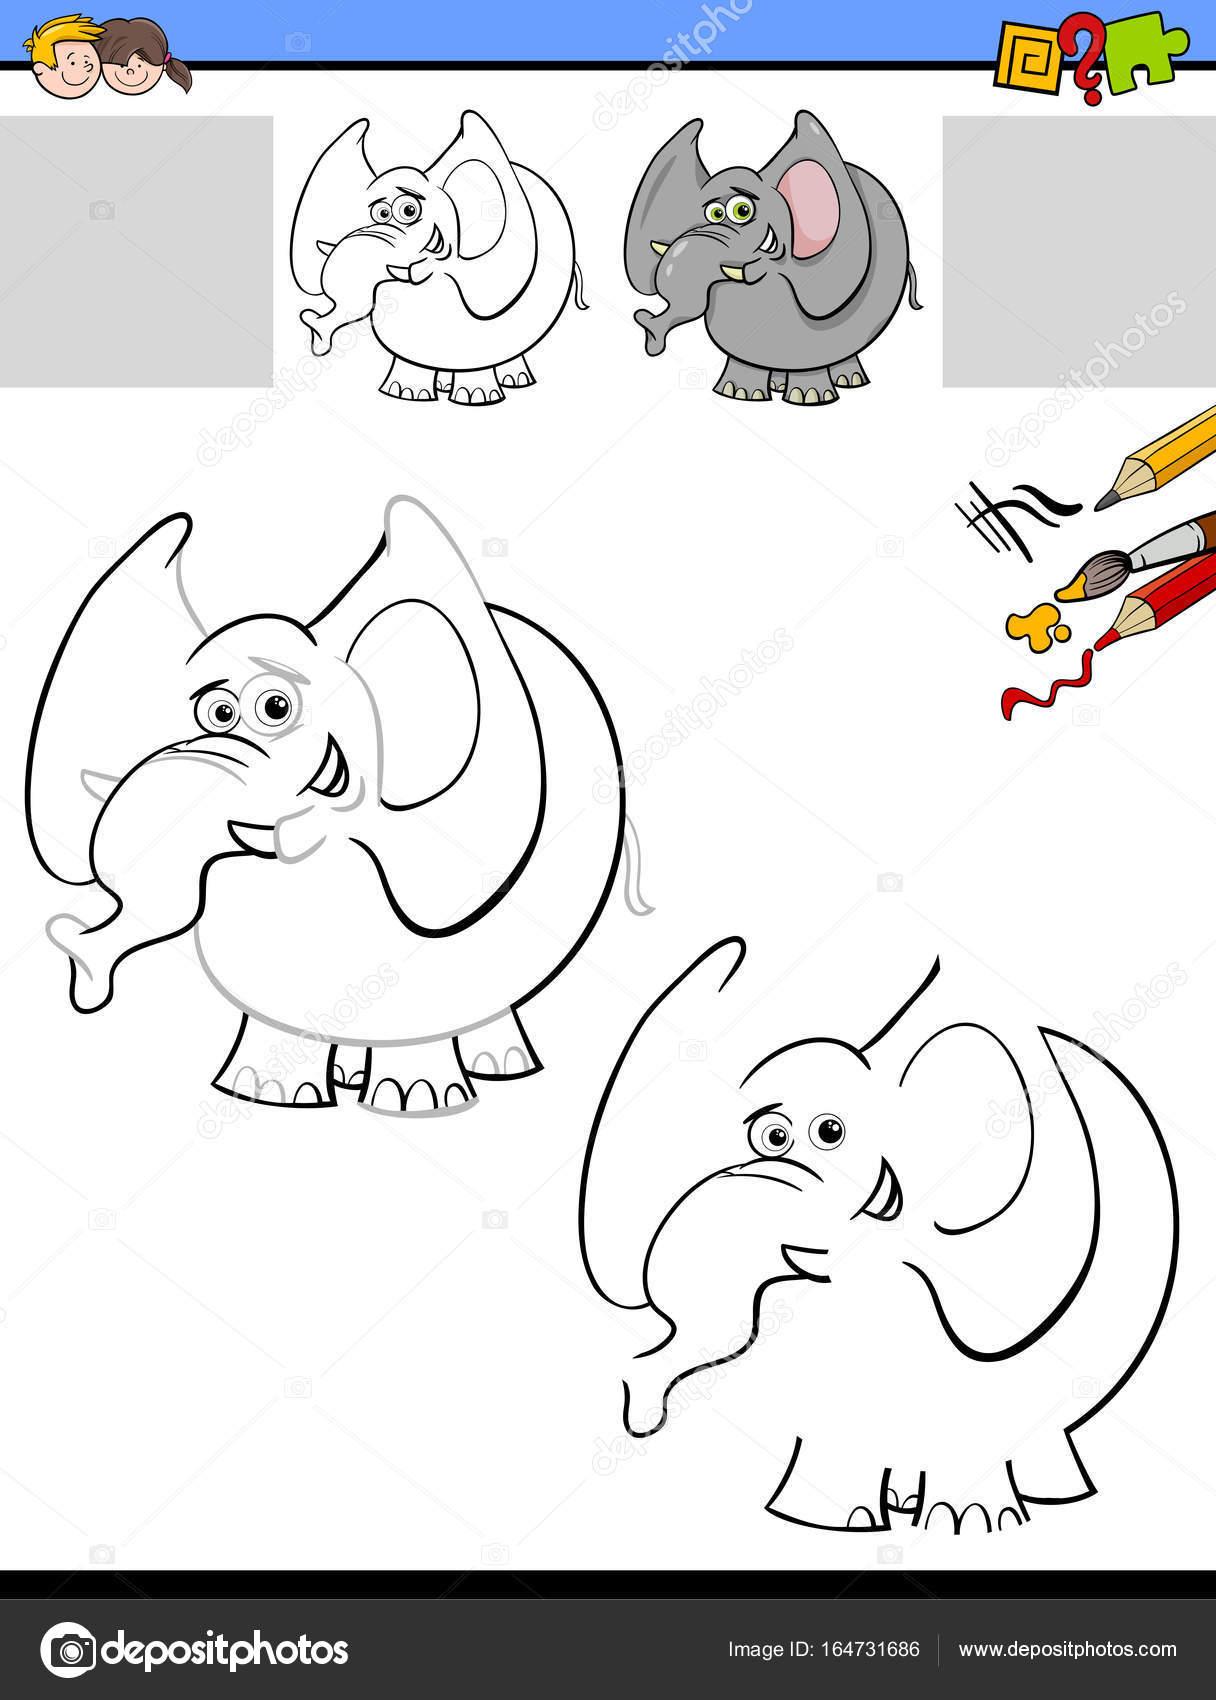 dibujar y colorear la hoja de cálculo con elefante — Archivo ...